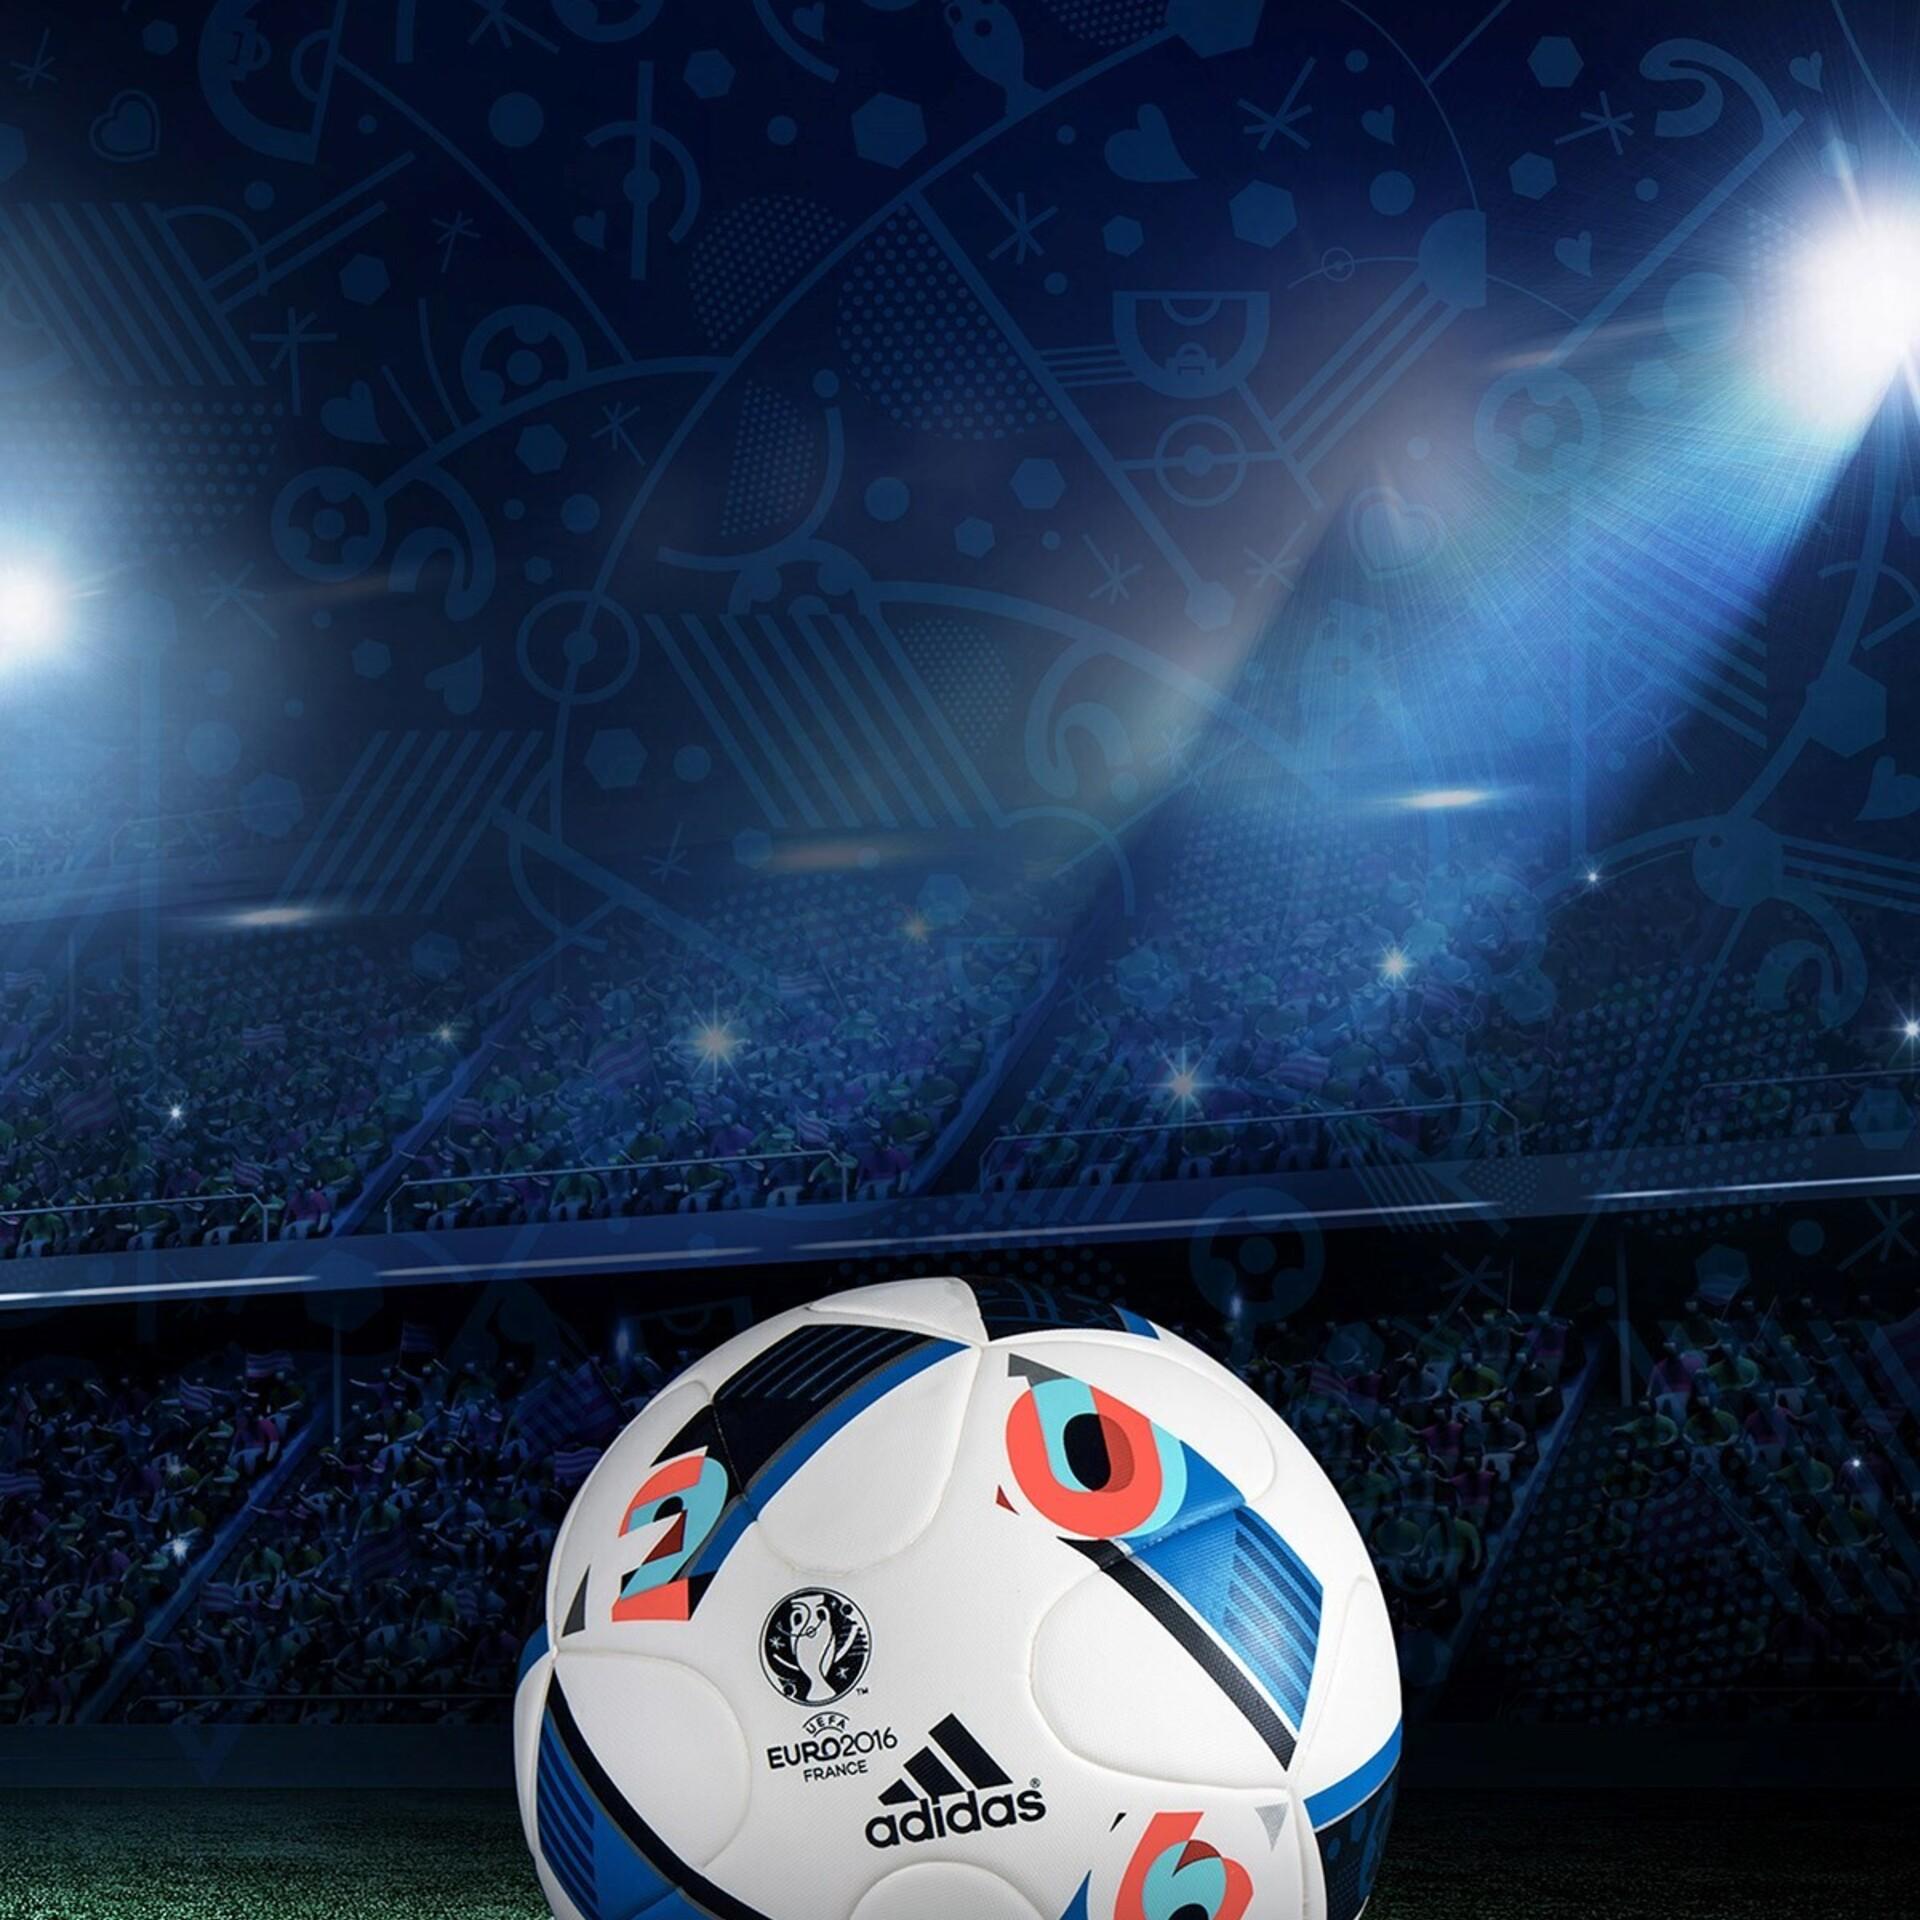 c47860f2ea8 Jalgpalli EM-i vaatajamäng: Finaal Portugal - Prantsusmaa | Ennusta ja  võida auhind! | Jalgpalli EM | ERR